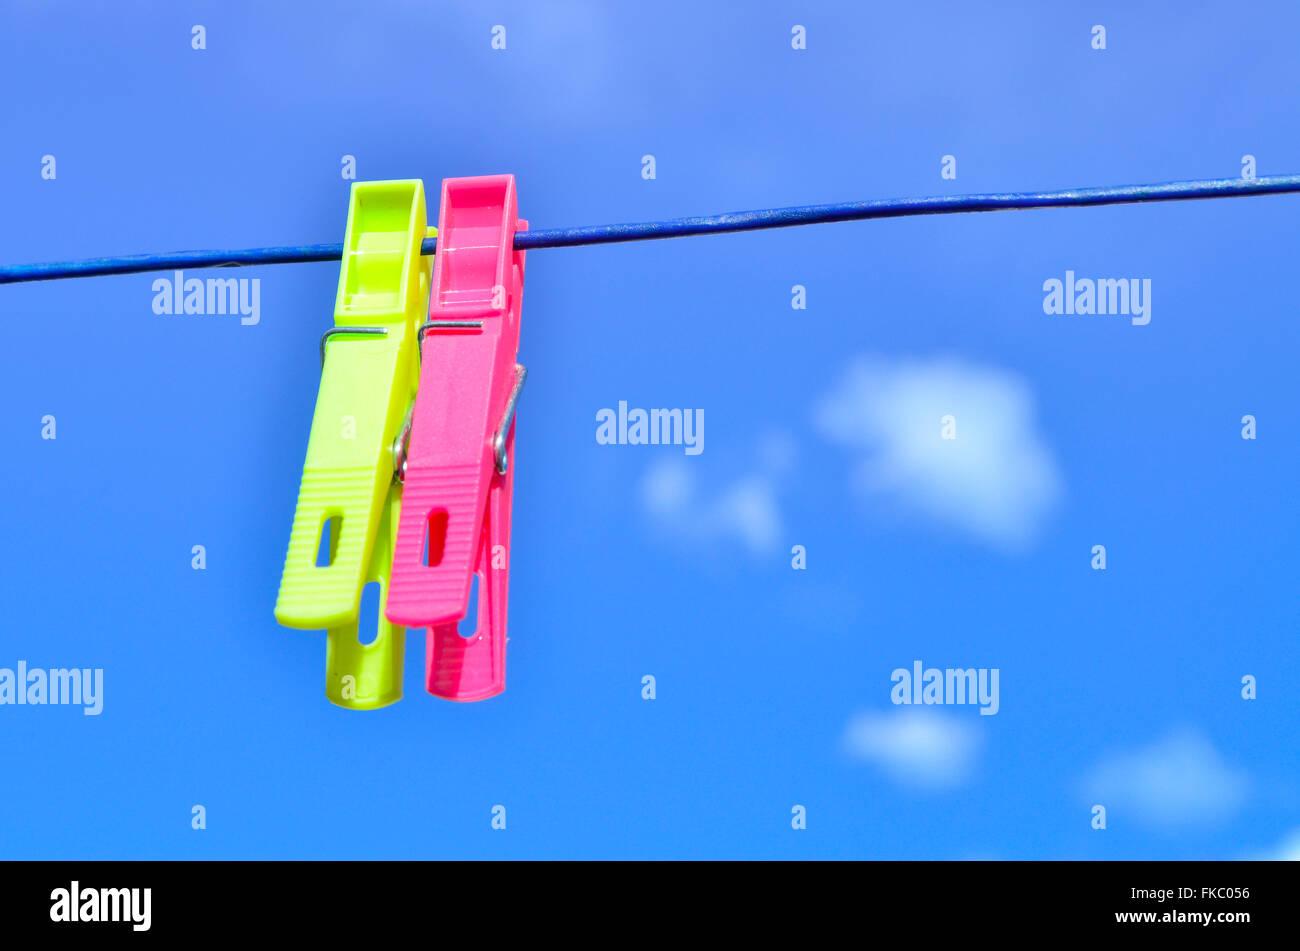 Des pinces en plastique sur la ligne de lavage. Photo Stock